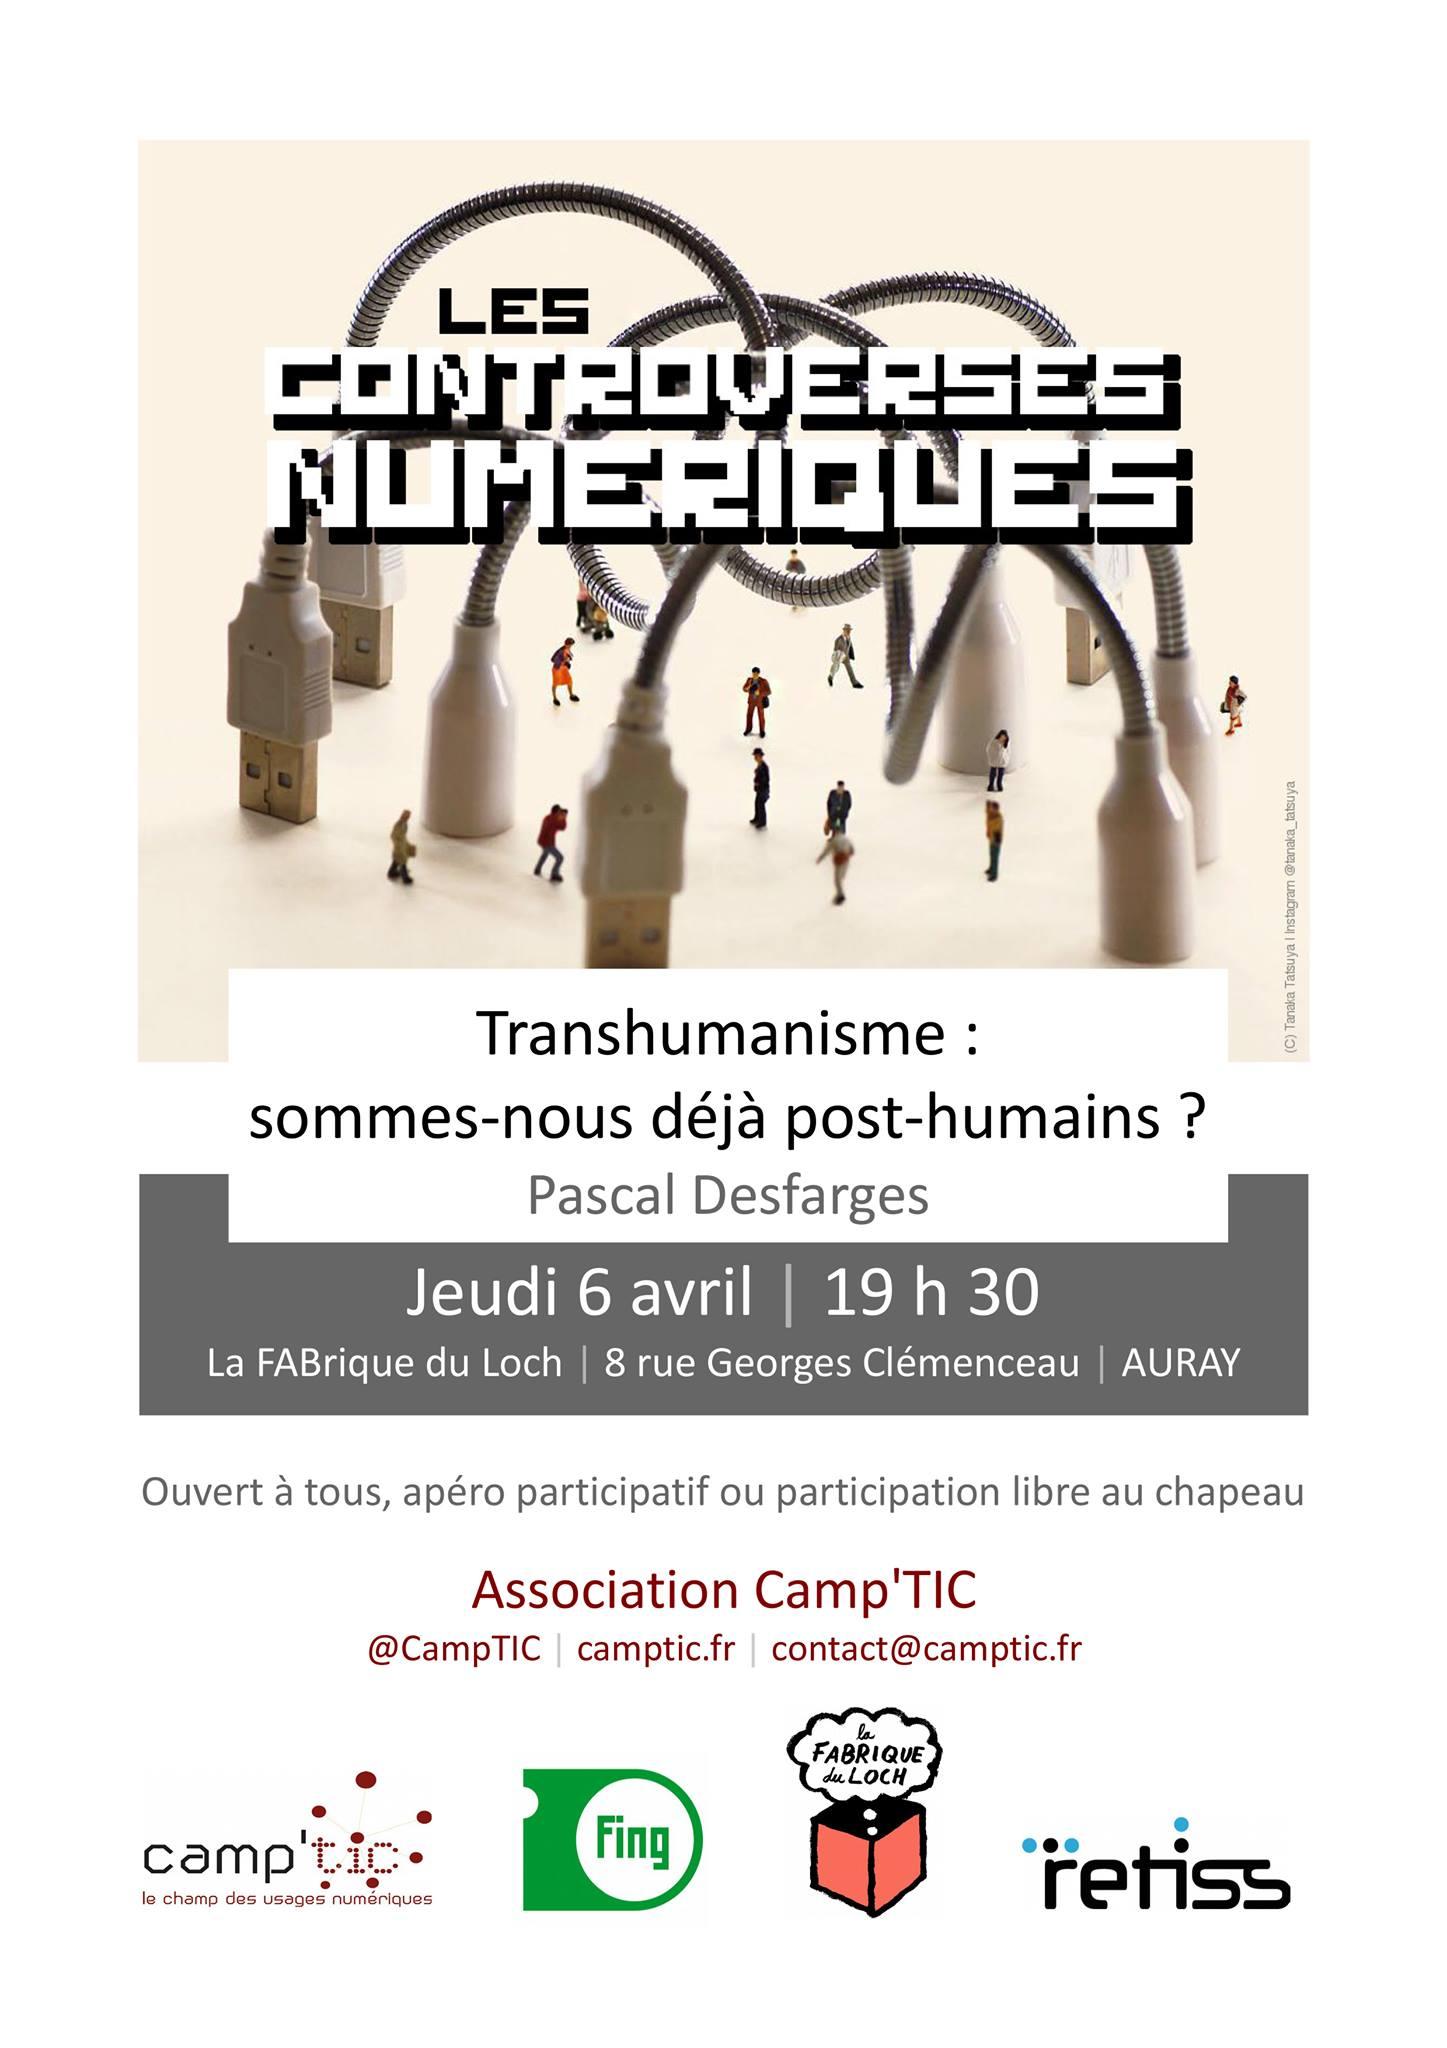 Camptic  les controverses numériques transhumanismes La Fabrique du loch